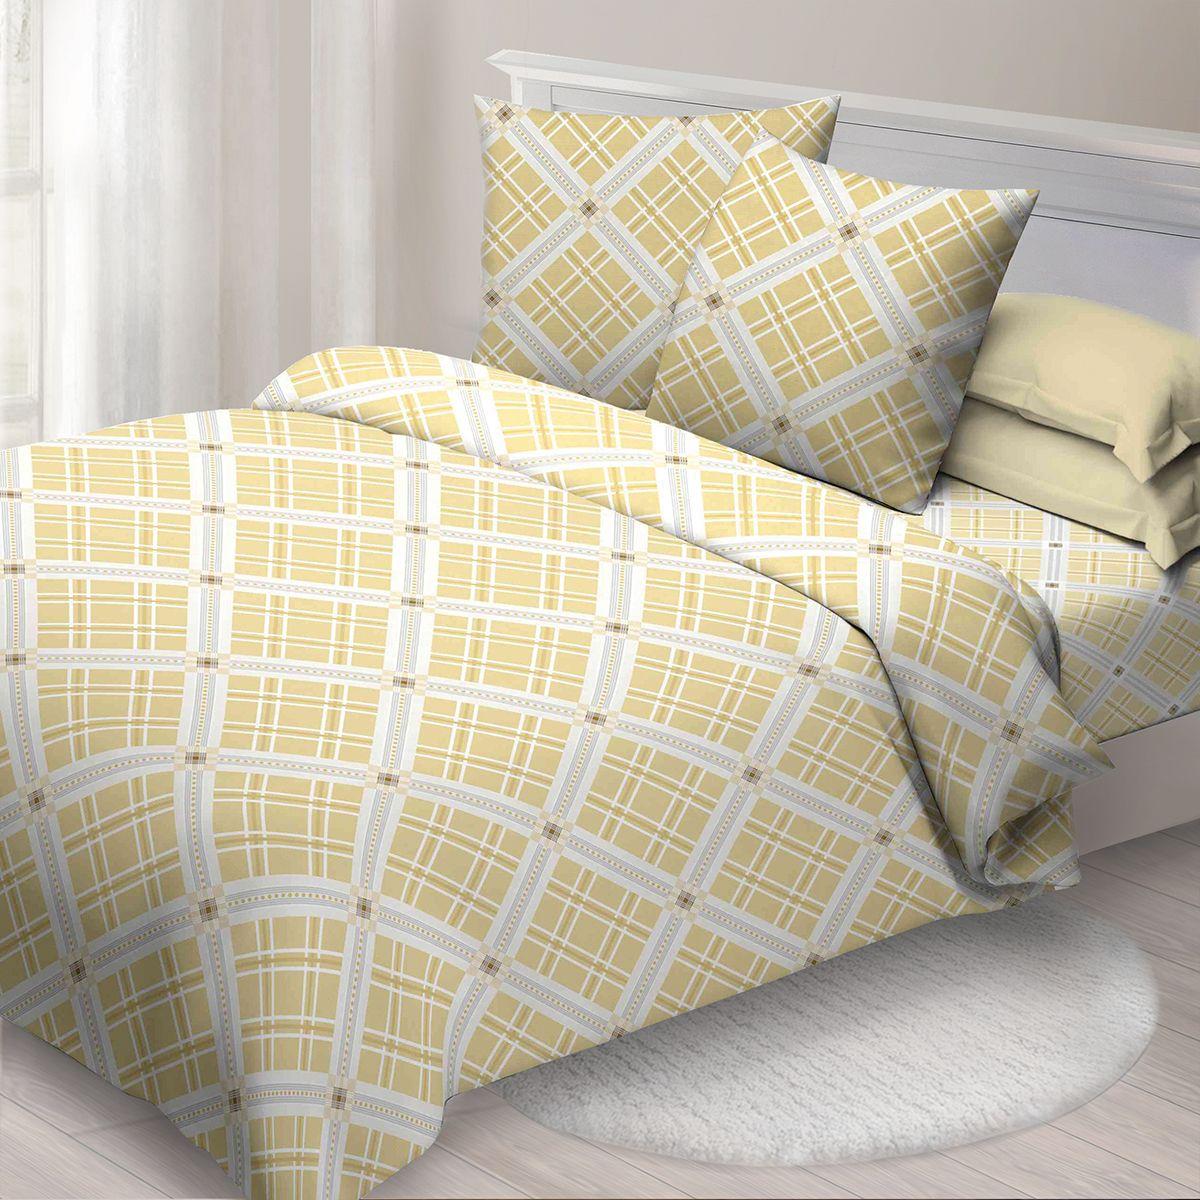 Комплект белья Спал Спалыч Ромбы, 1,5 спальное, наволочки 70x70, цвет: бежевый. 4090-185076